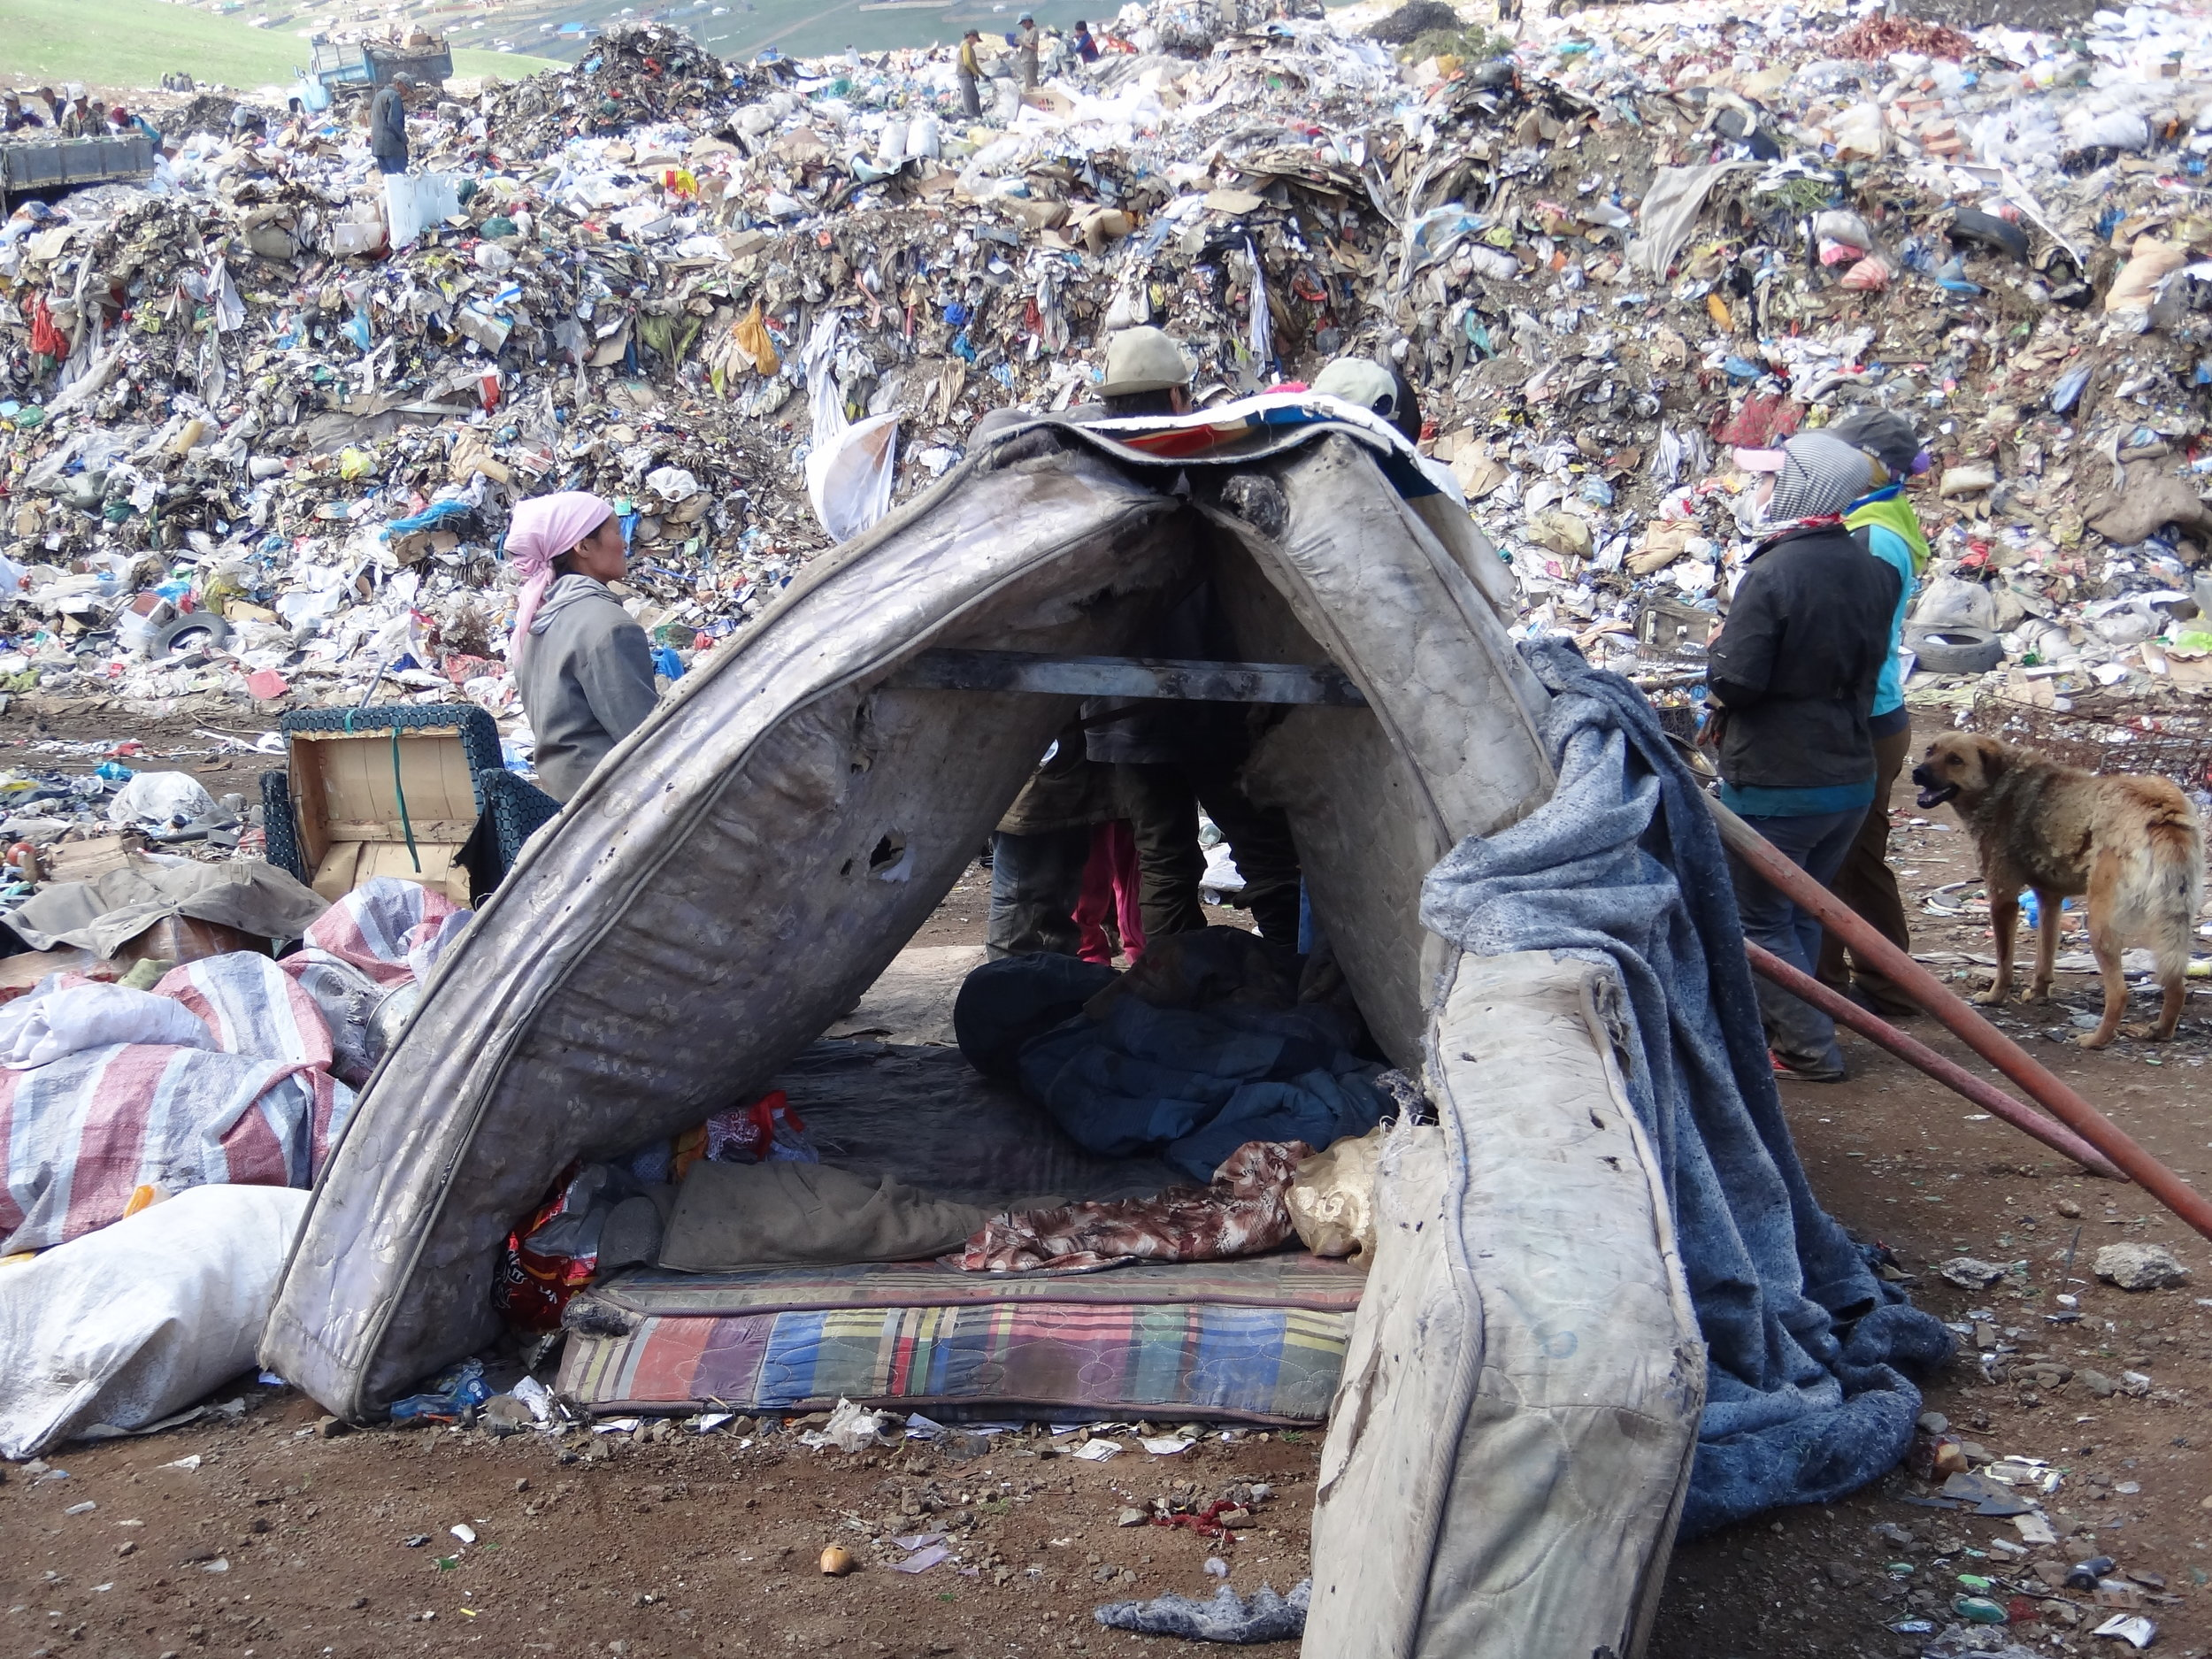 Mission_Trip_Mongolia_09.JPG